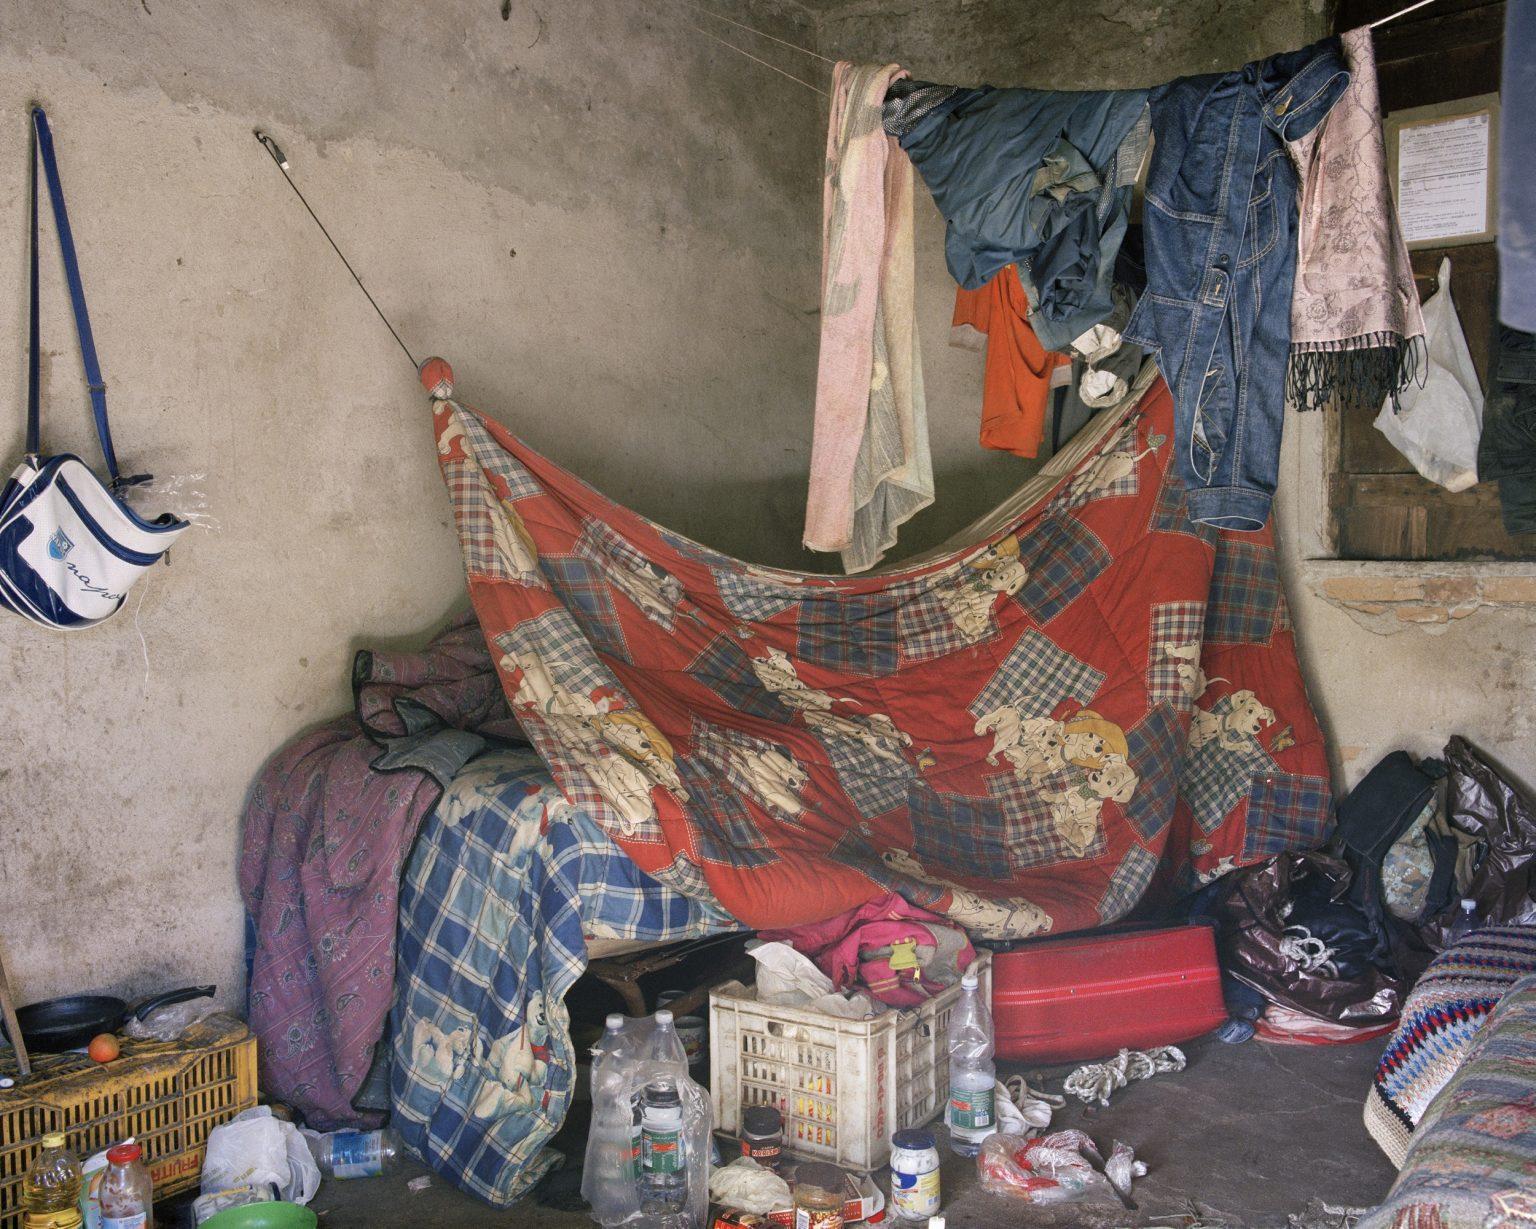 """Drosi (Gioia Tauro), 2016. Occupied house by seasonal workers in Piana di Gioia Tauro. Migrant daily laborers are subject to exploitation and forced to live in unsanitary settlements. it is estimated that the wage of an agricultural worker with an irregular contract and subjected to a """"caporale"""", is 25-30 euro per day (40% in less than an Italian worker) for an average of 10-12 hours per day.><  Drosi (Gioia Tauro), 2016. Casolare occupato da lavoratori stagionali nella Piana di Gioia Tauro. I lavoratori stagionali stranieri sono soggetti a sfruttamento lavorativo e costretti a vivere in insediamenti in pessime condizioni sanitarie. Si stima che il salario di un lavoratore agricolo con un contratto irregolare e soggetto ad un """"caporale"""" sia di 25-30 euro al giorno (40% in meno di un lavoratore italiano) per una media di 10-12 ore al giorno."""